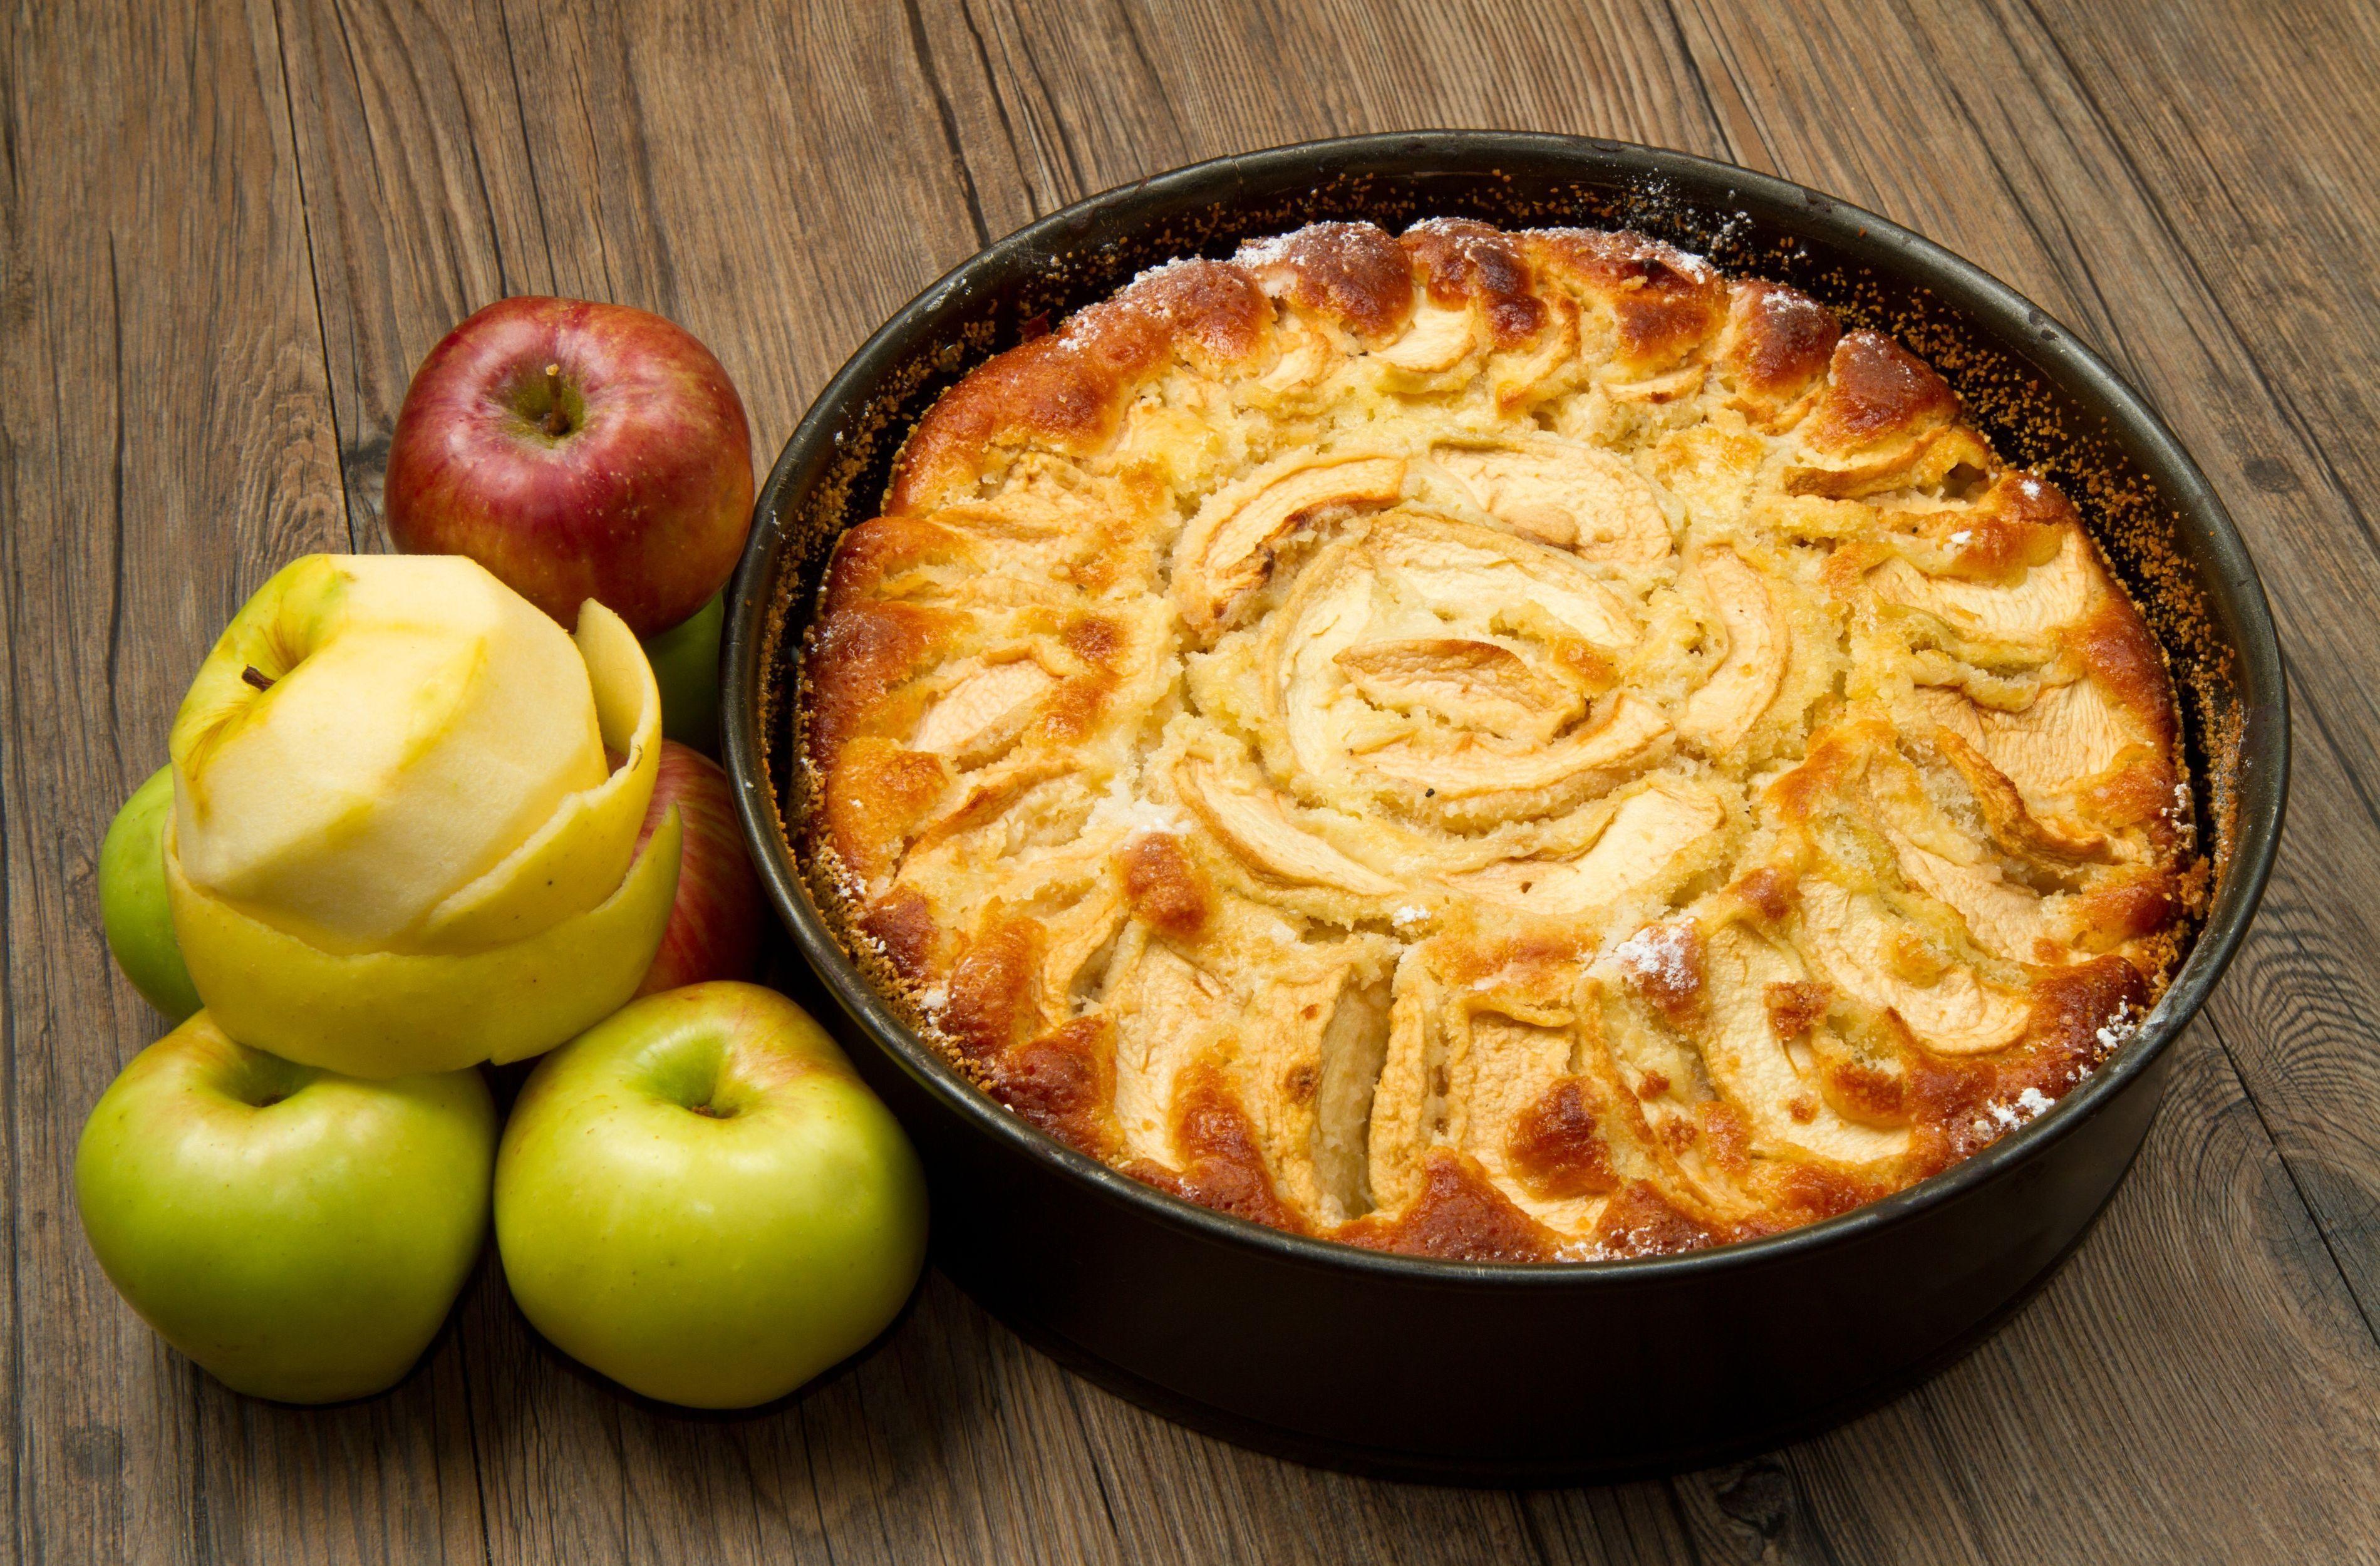 пироги с яблоками с картинками при том